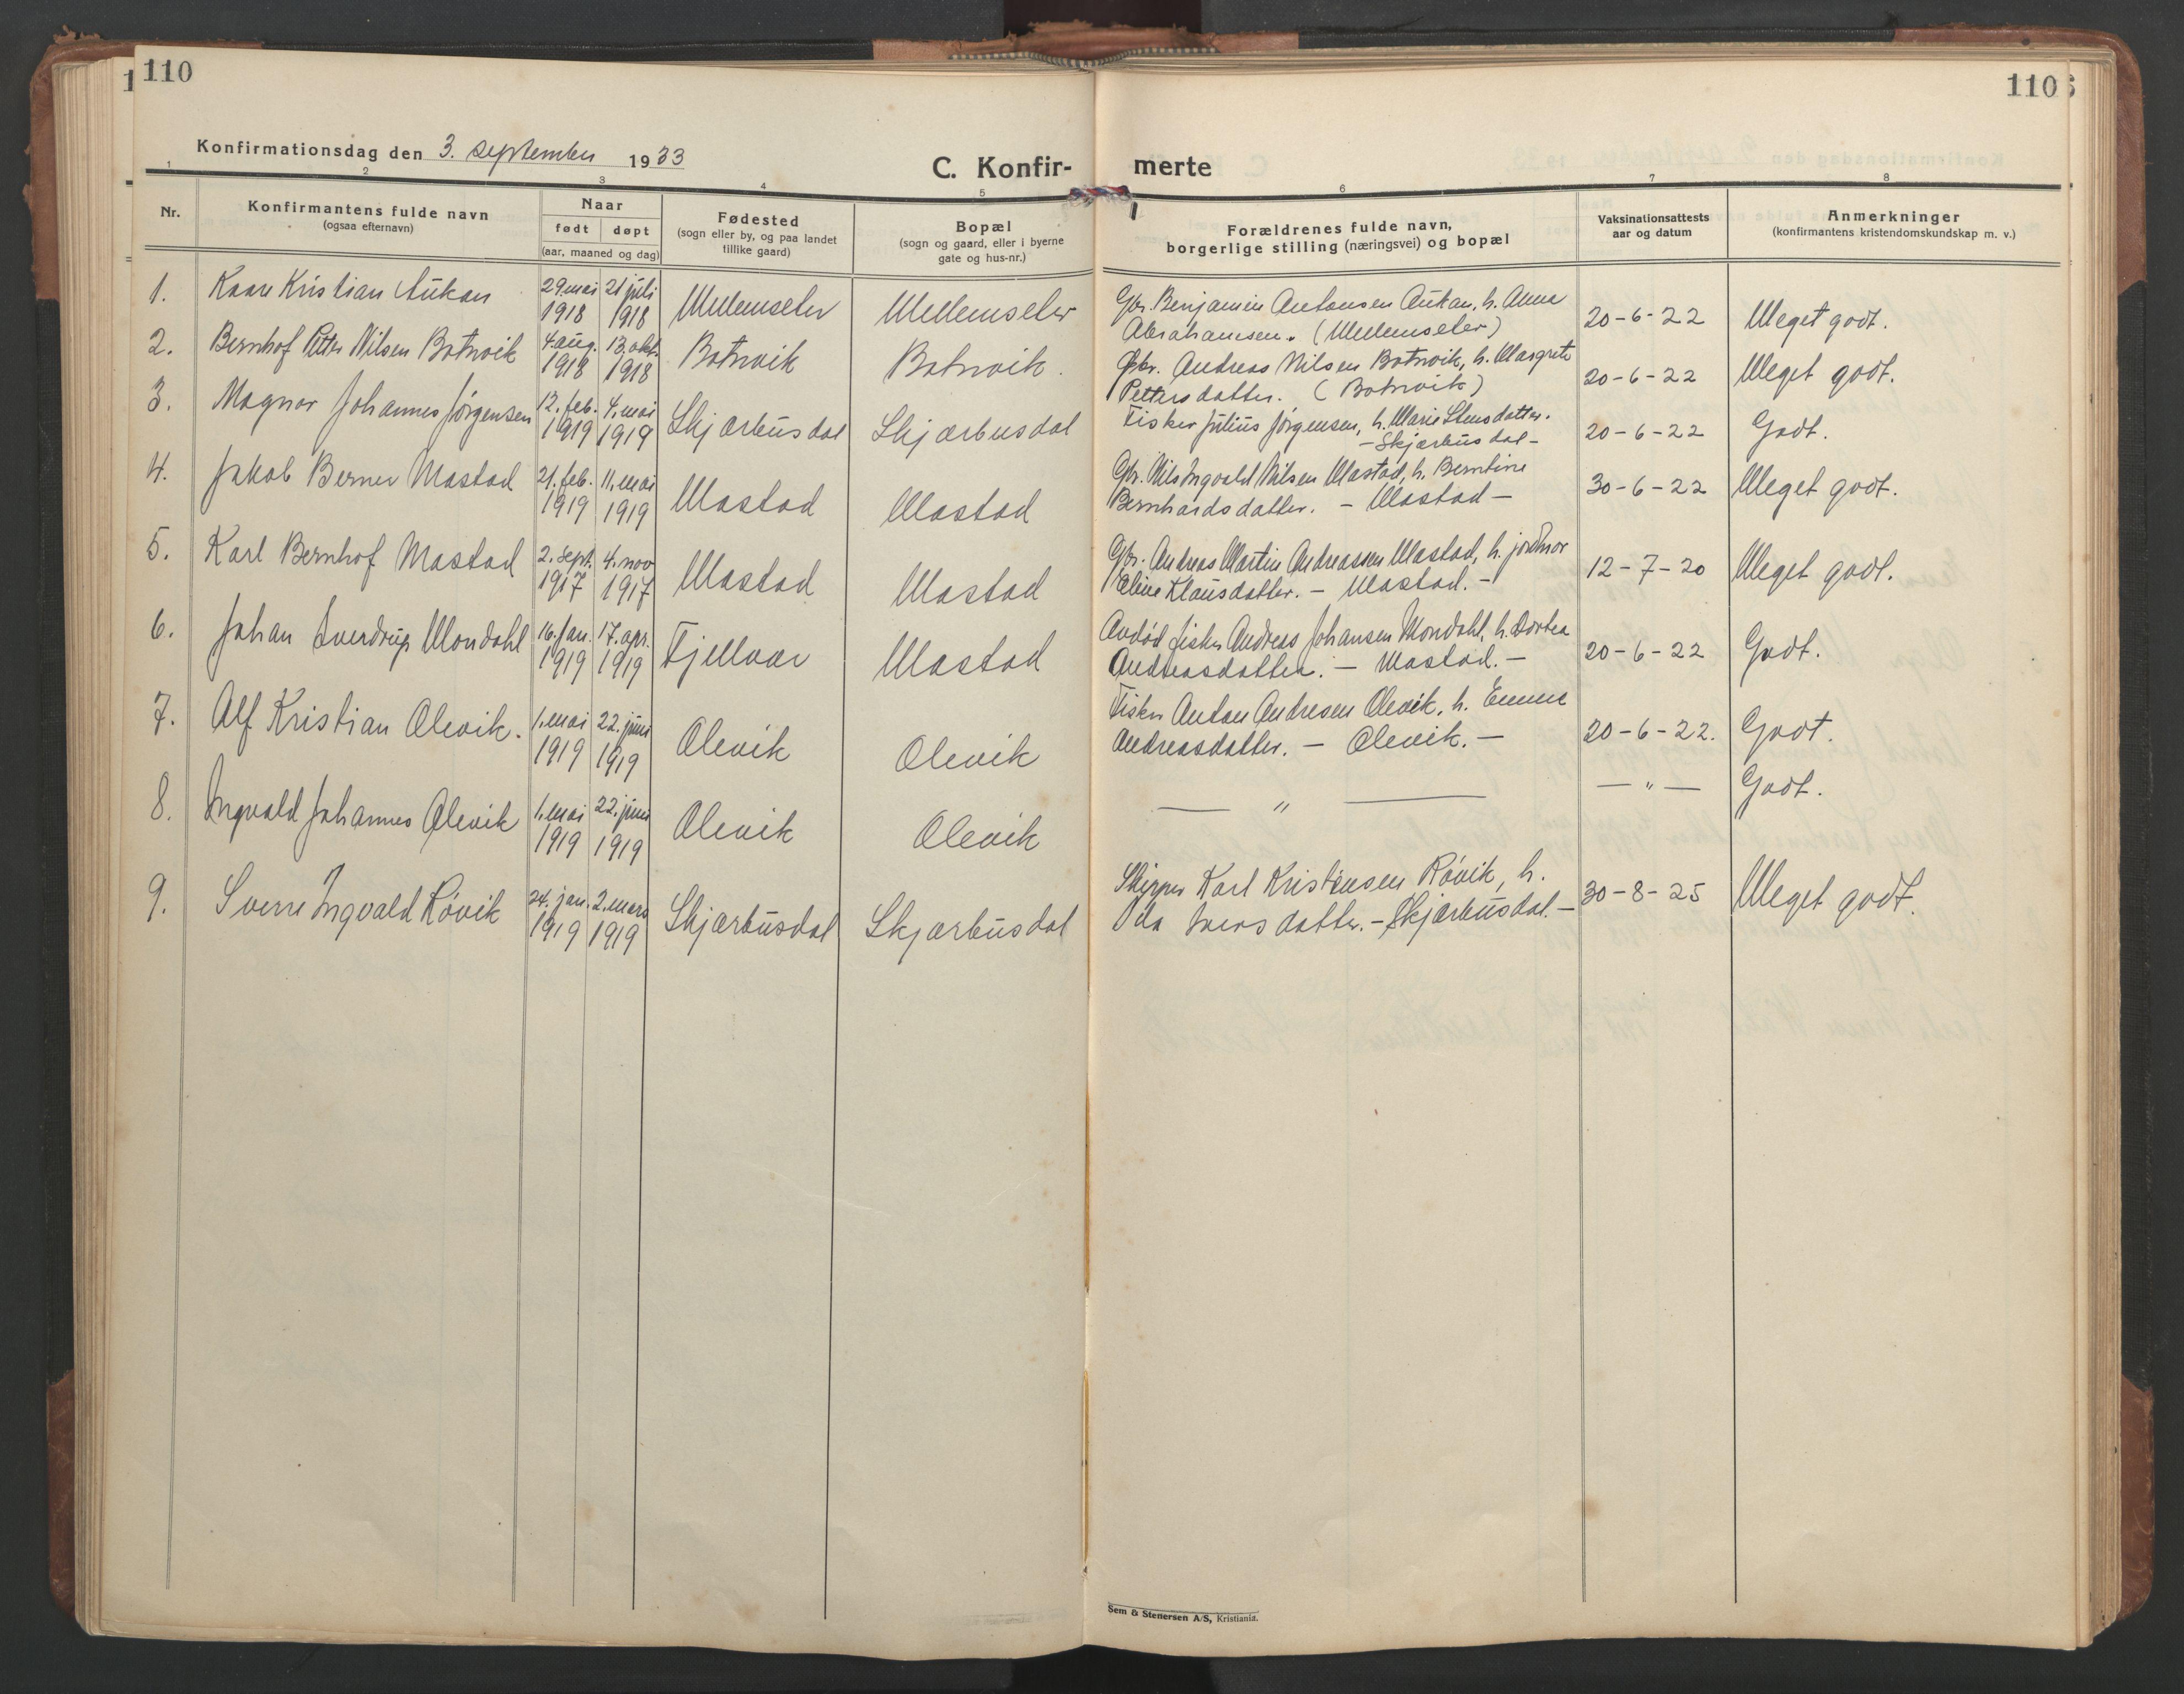 SAT, Ministerialprotokoller, klokkerbøker og fødselsregistre - Sør-Trøndelag, 638/L0569: Klokkerbok nr. 638C01, 1923-1961, s. 110